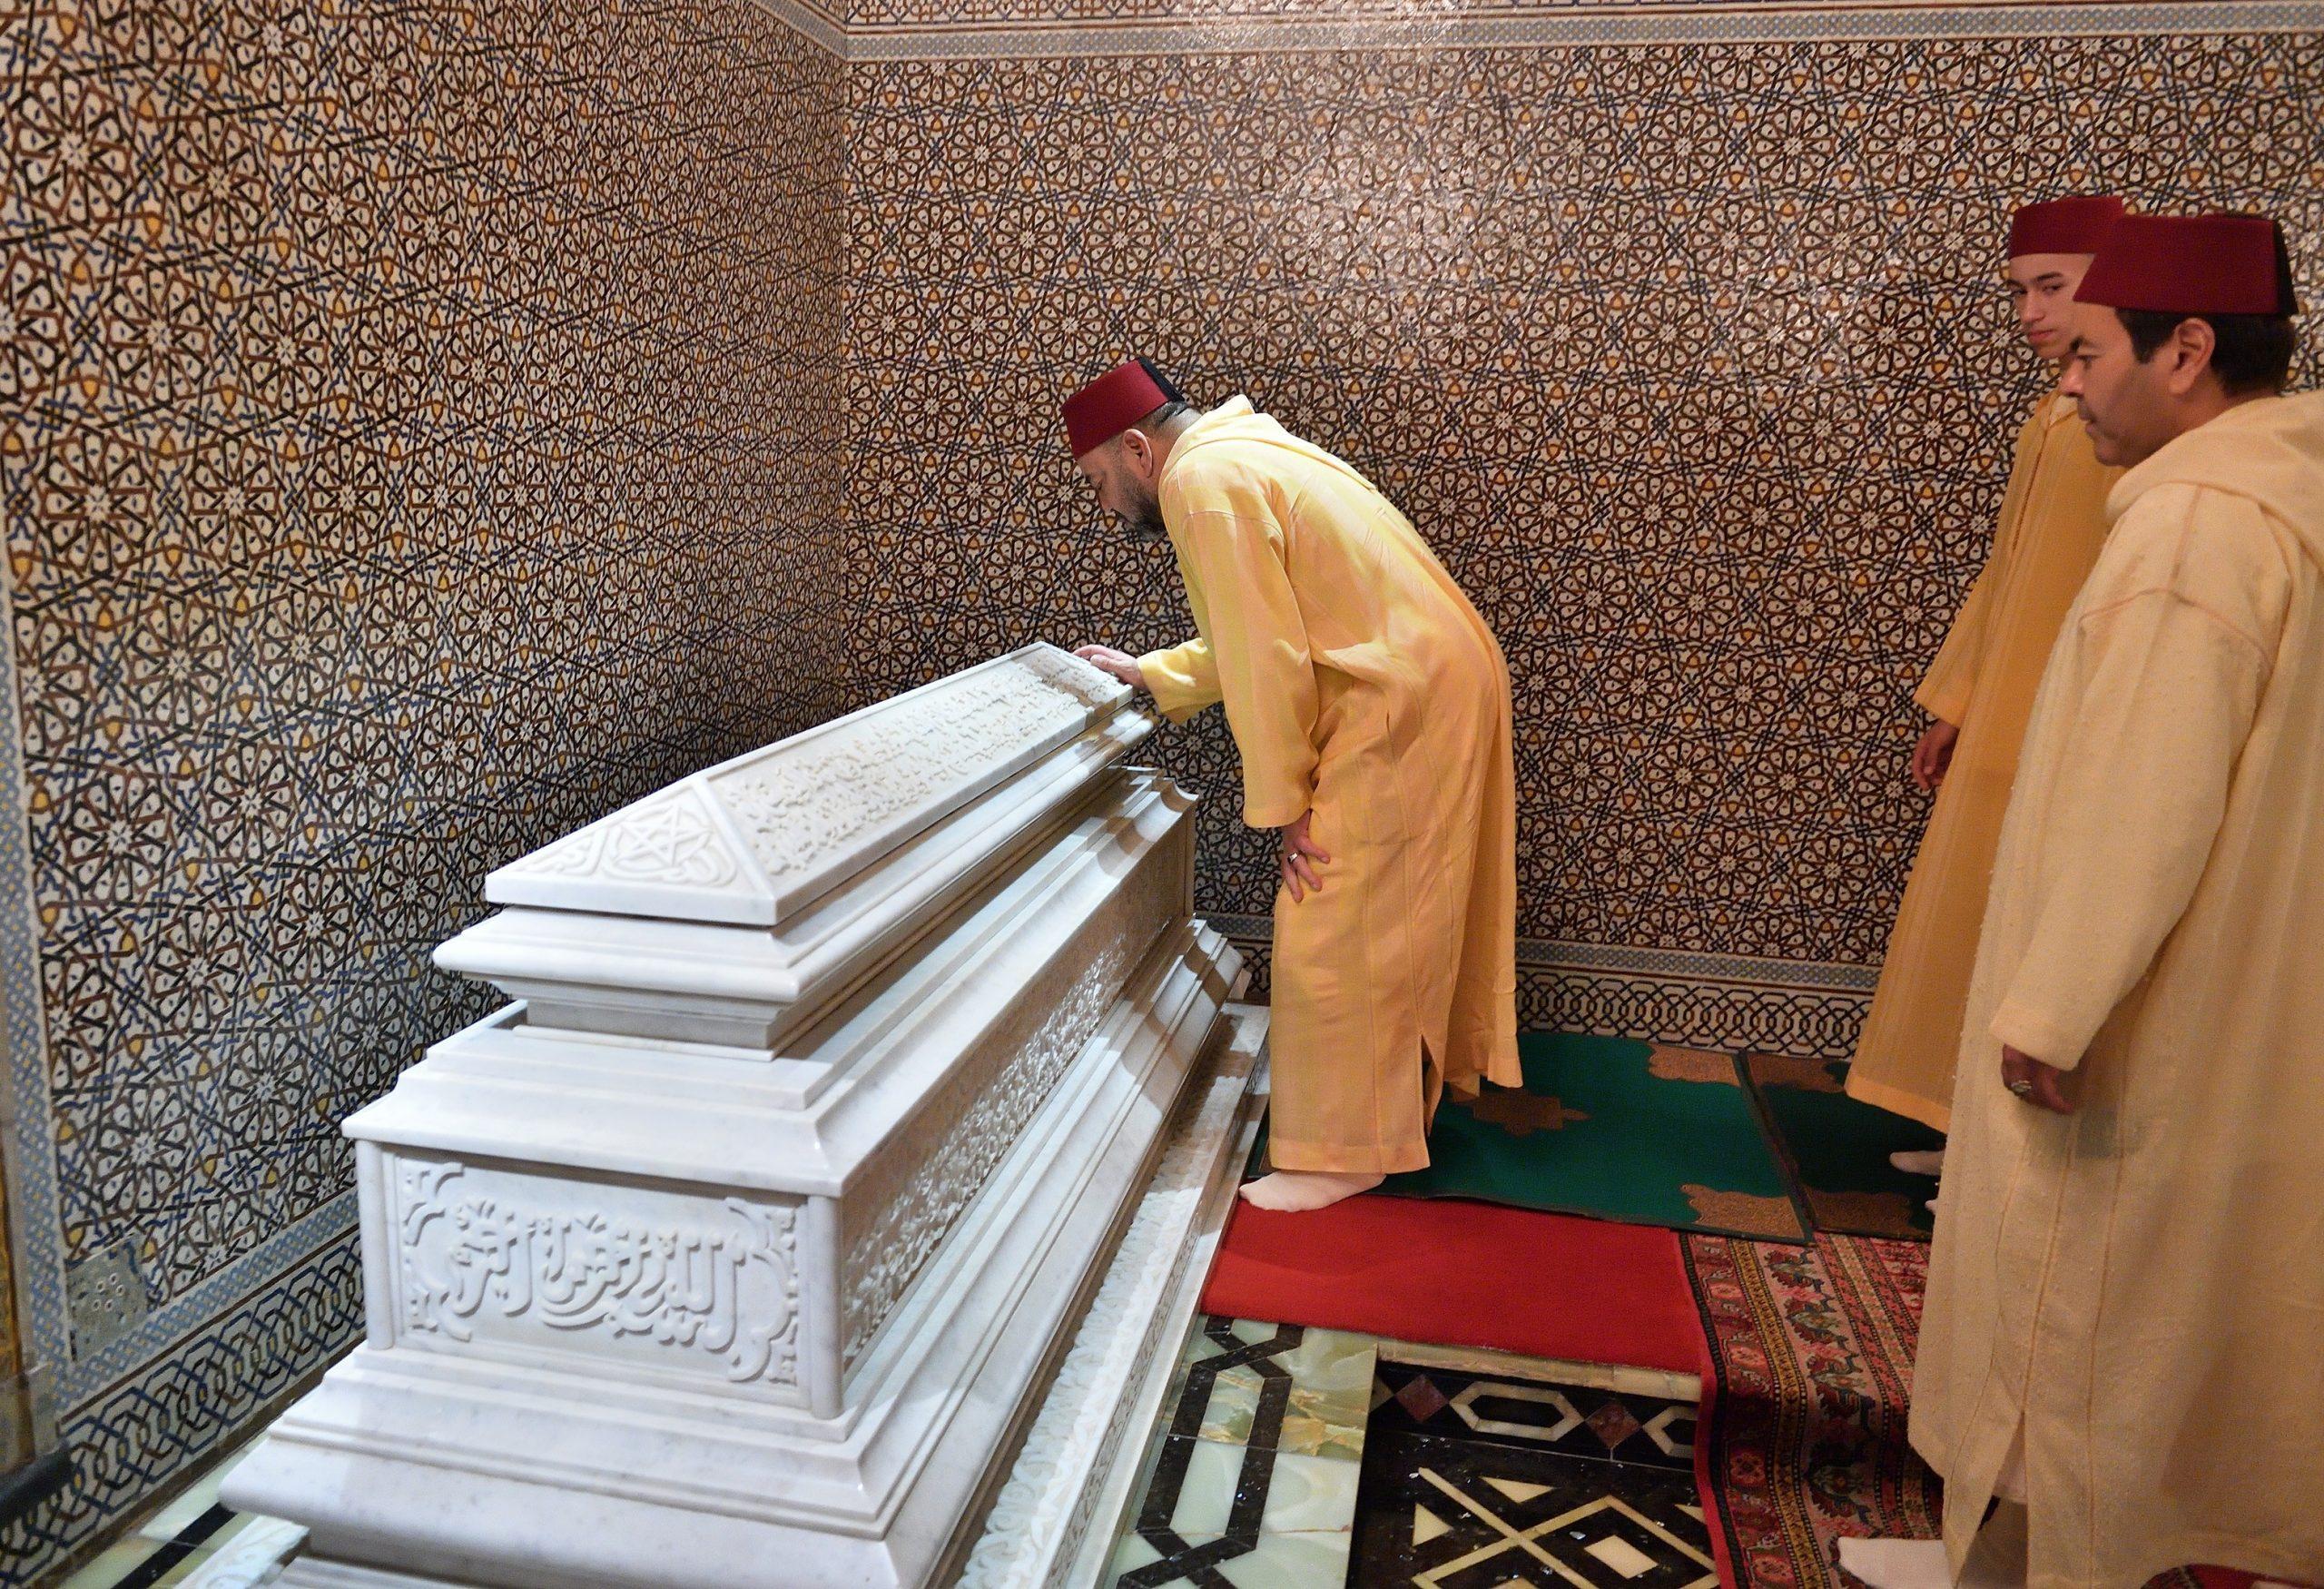 صورة الملك يترأس حفلا دينيا إحياء للذكرى الـ20 لوفاة الحسن الثاني